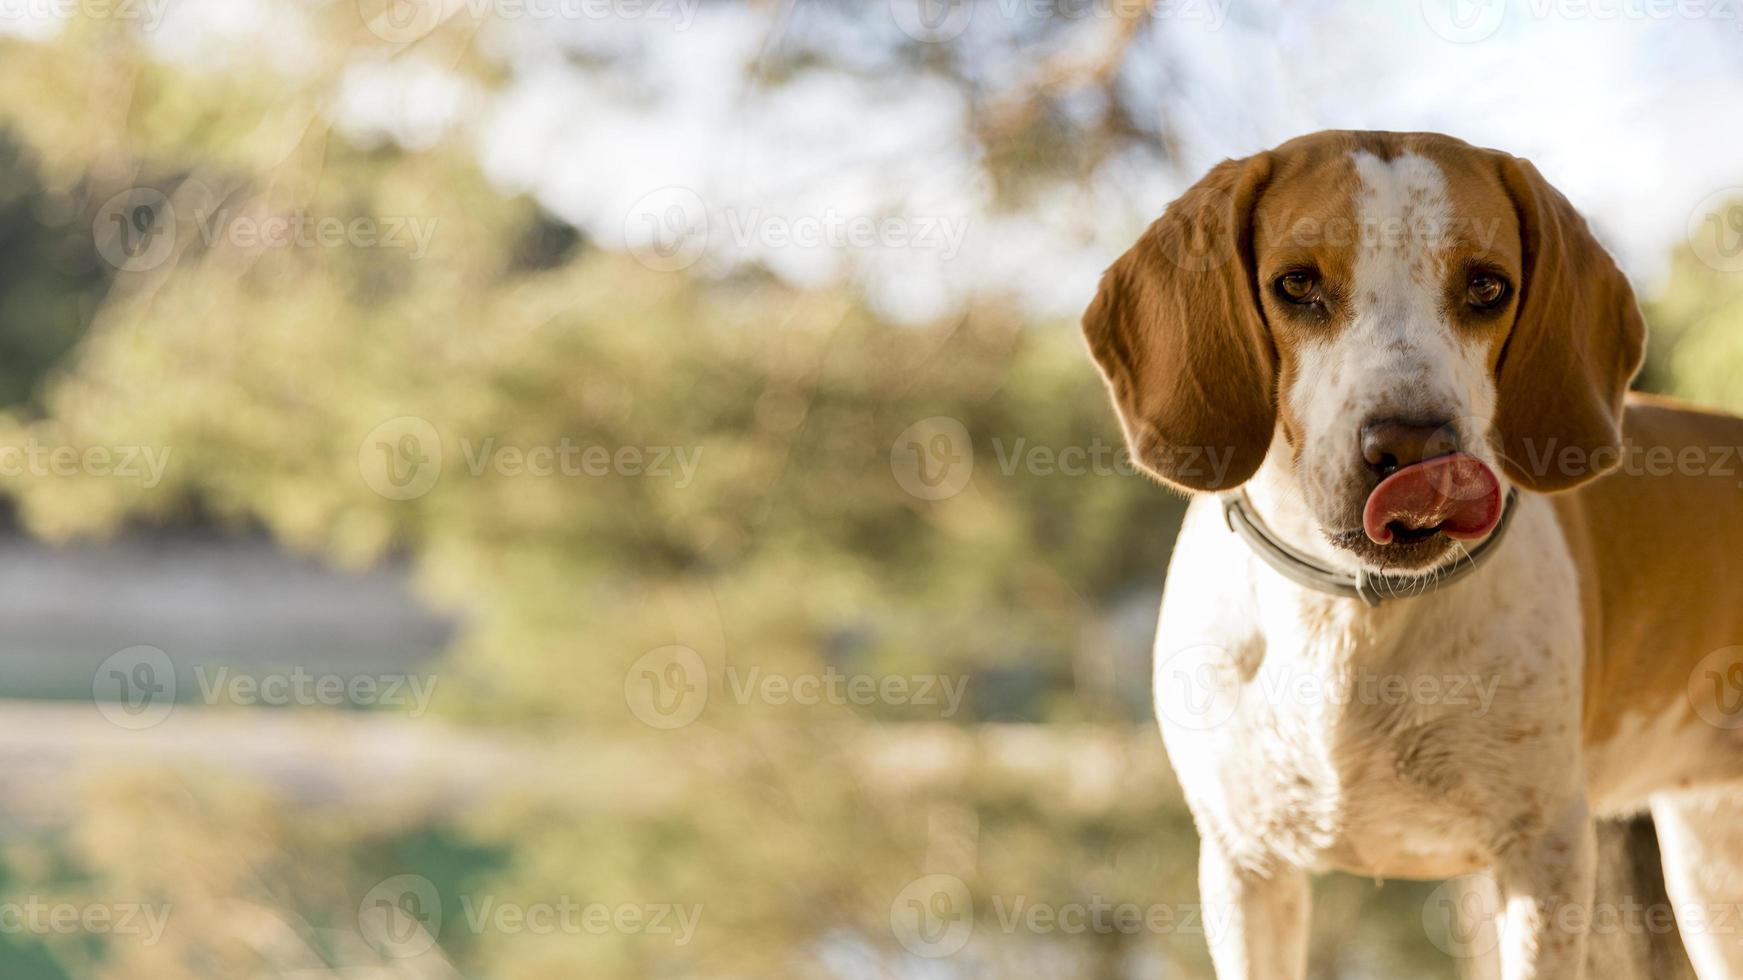 Buen chico perro sobre fondo de naturaleza borrosa foto